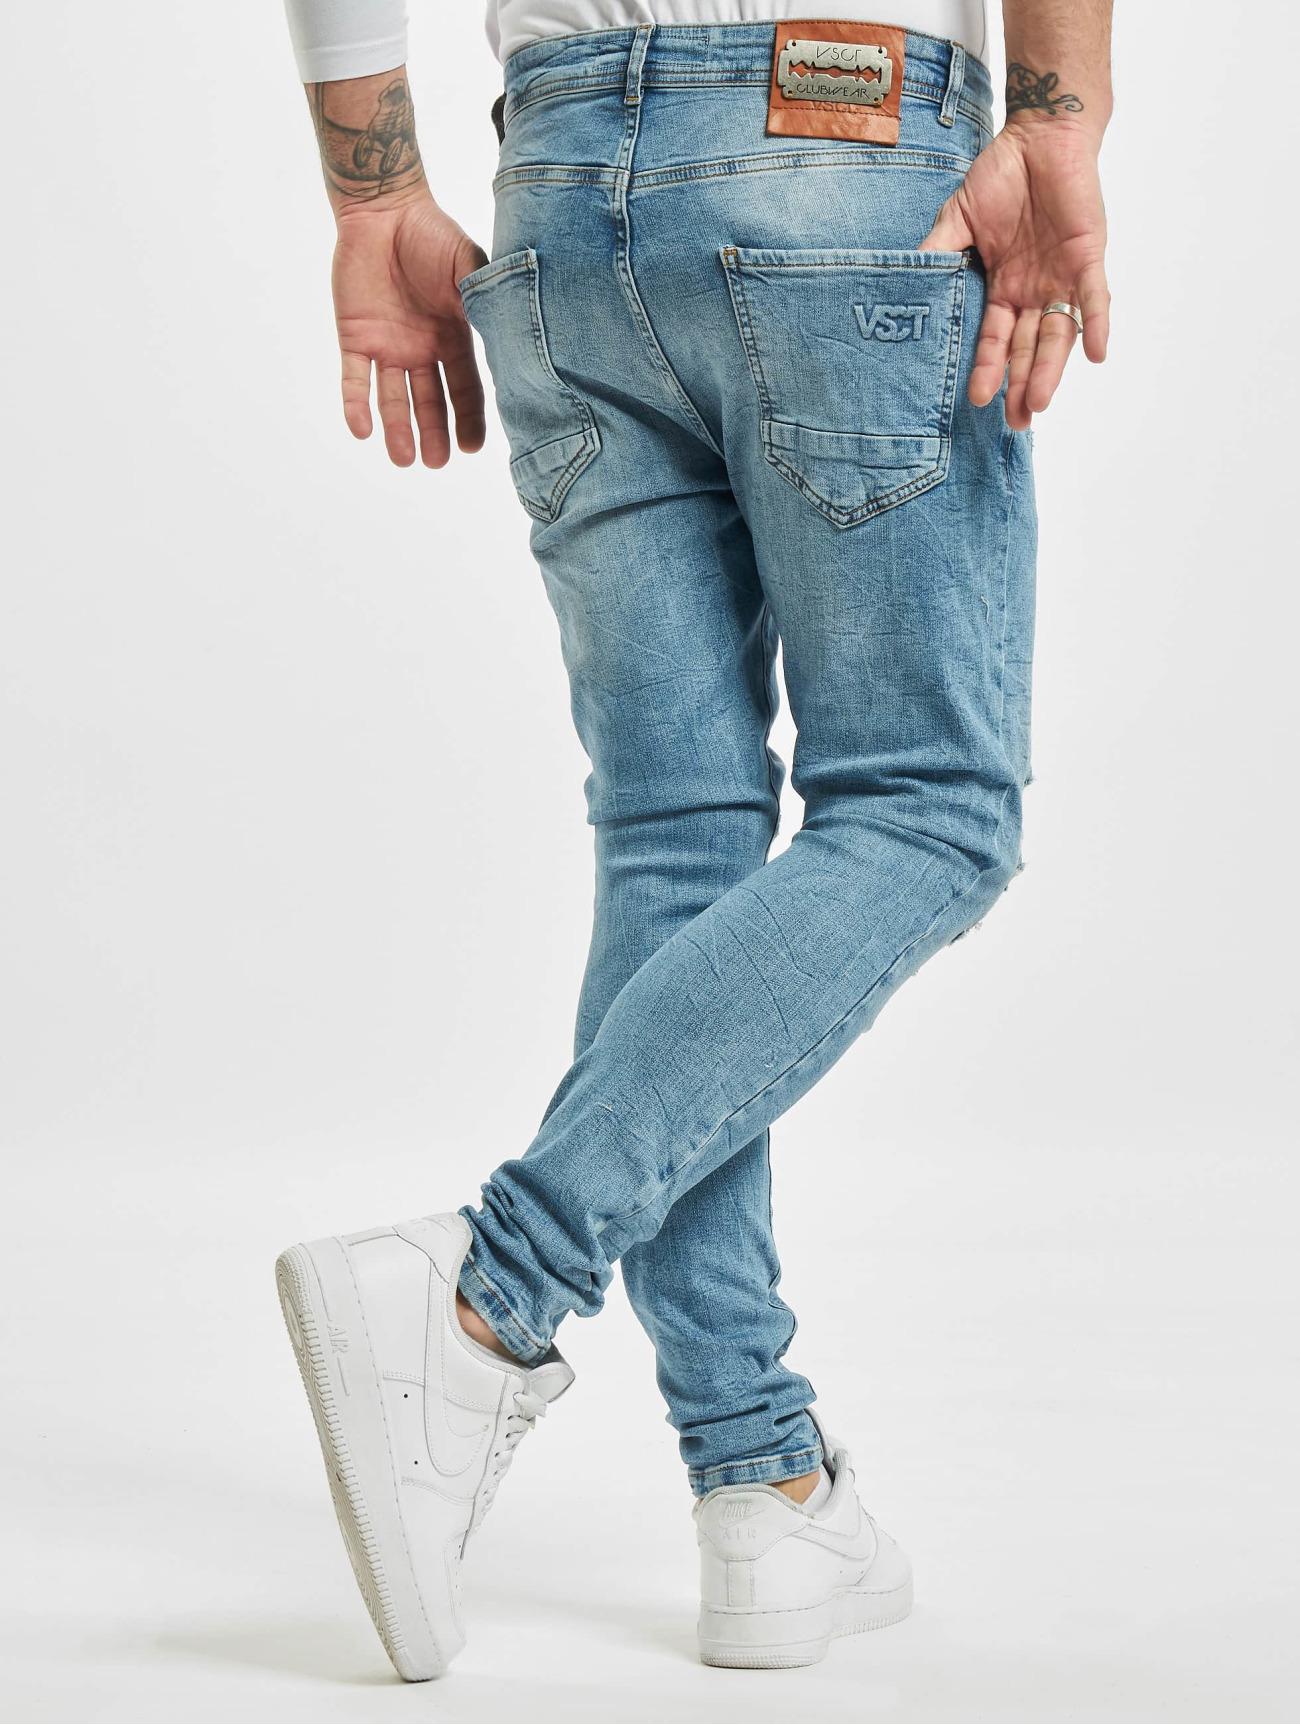 VSCT Clubwear  Thor Slim 5 Pocket Destroyed  bleu Homme Jean carotte antifit  718645 Homme Jeans